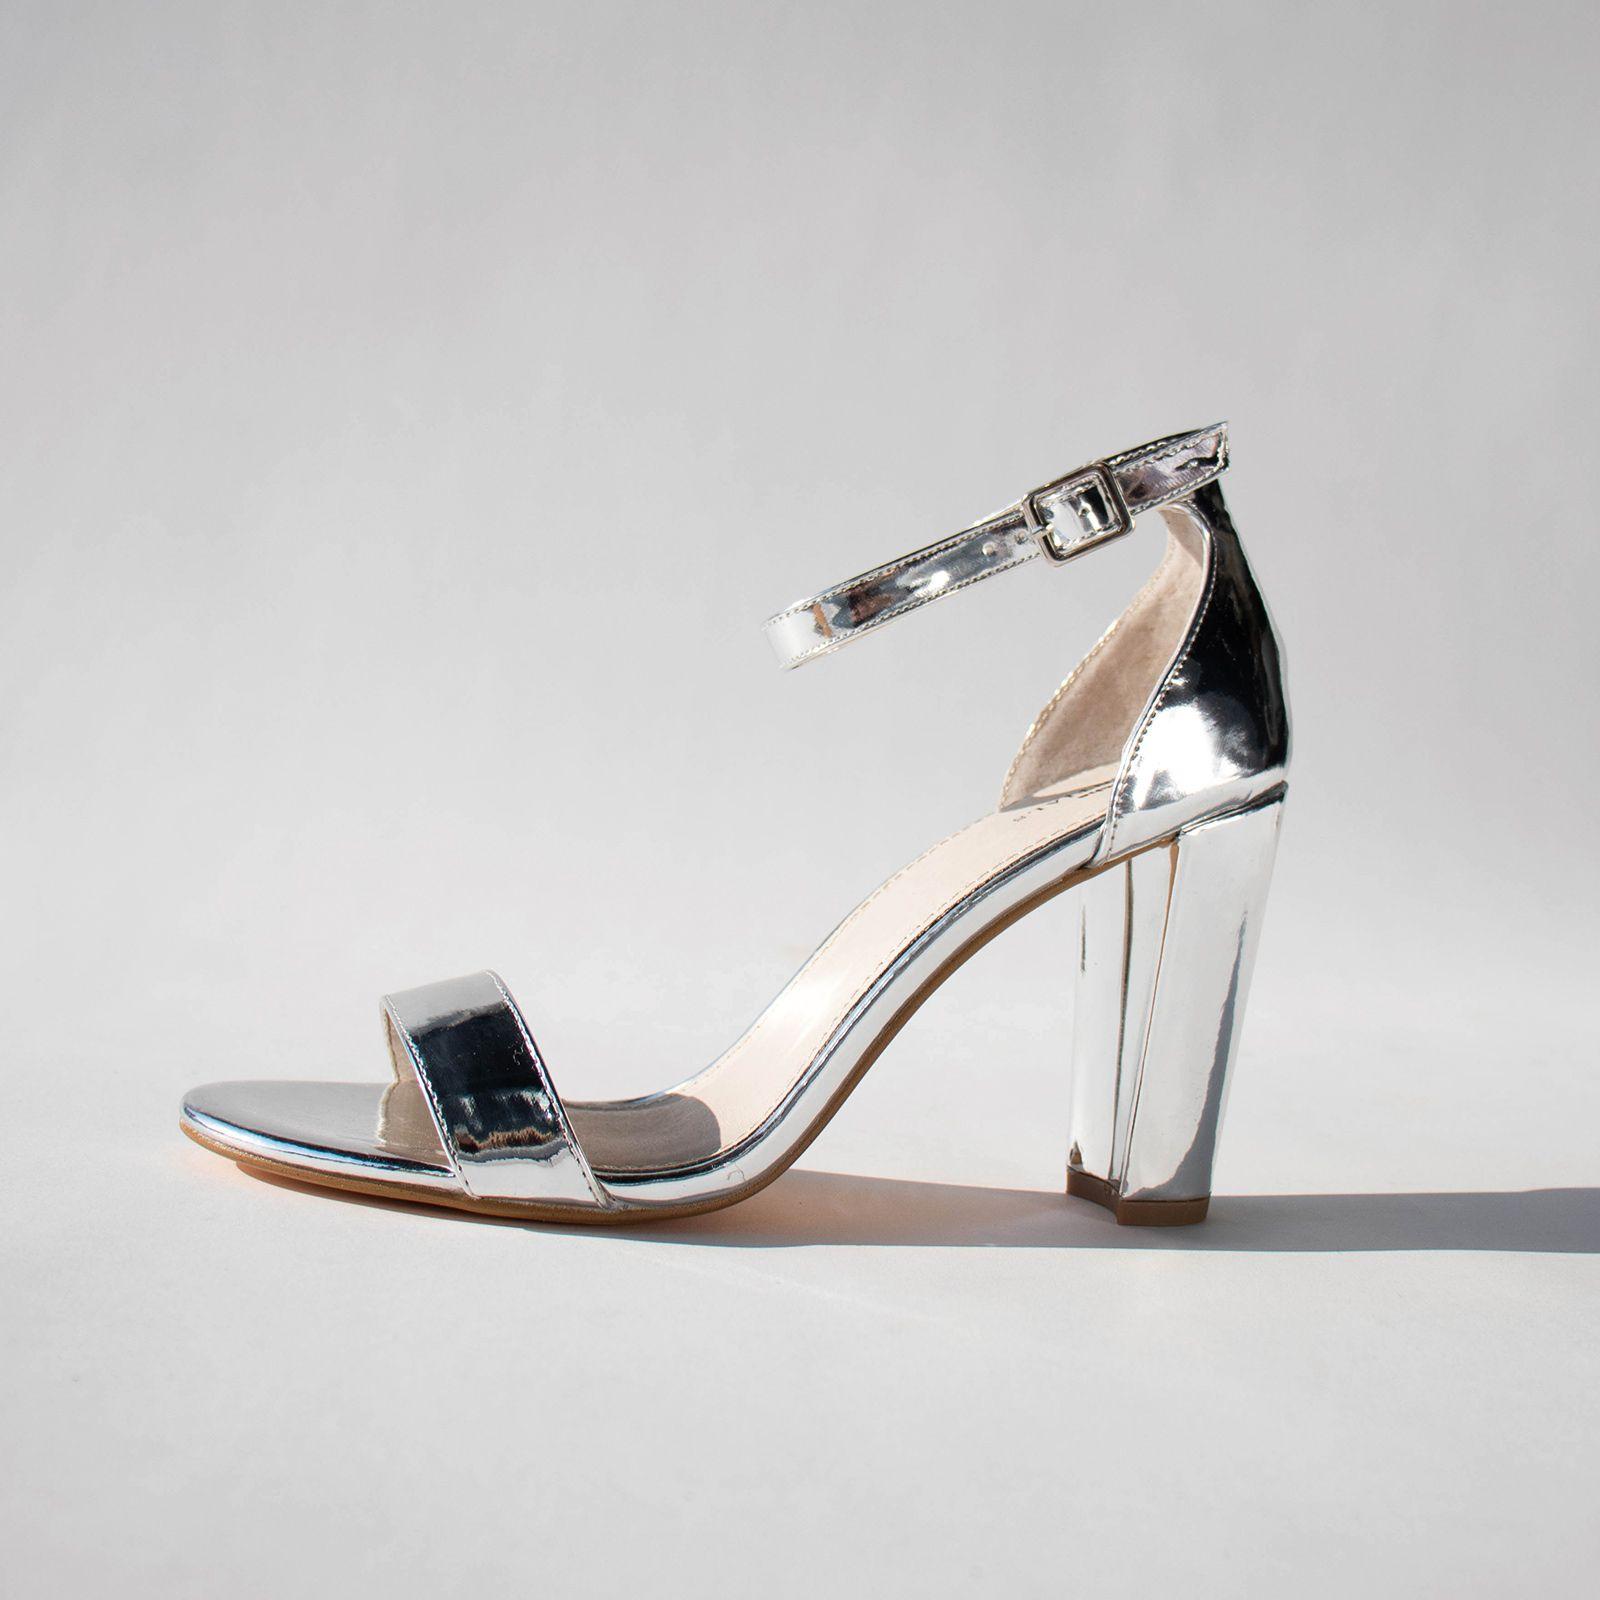 Sandalen met hak zilver | Sandaal met hak, Schoenen